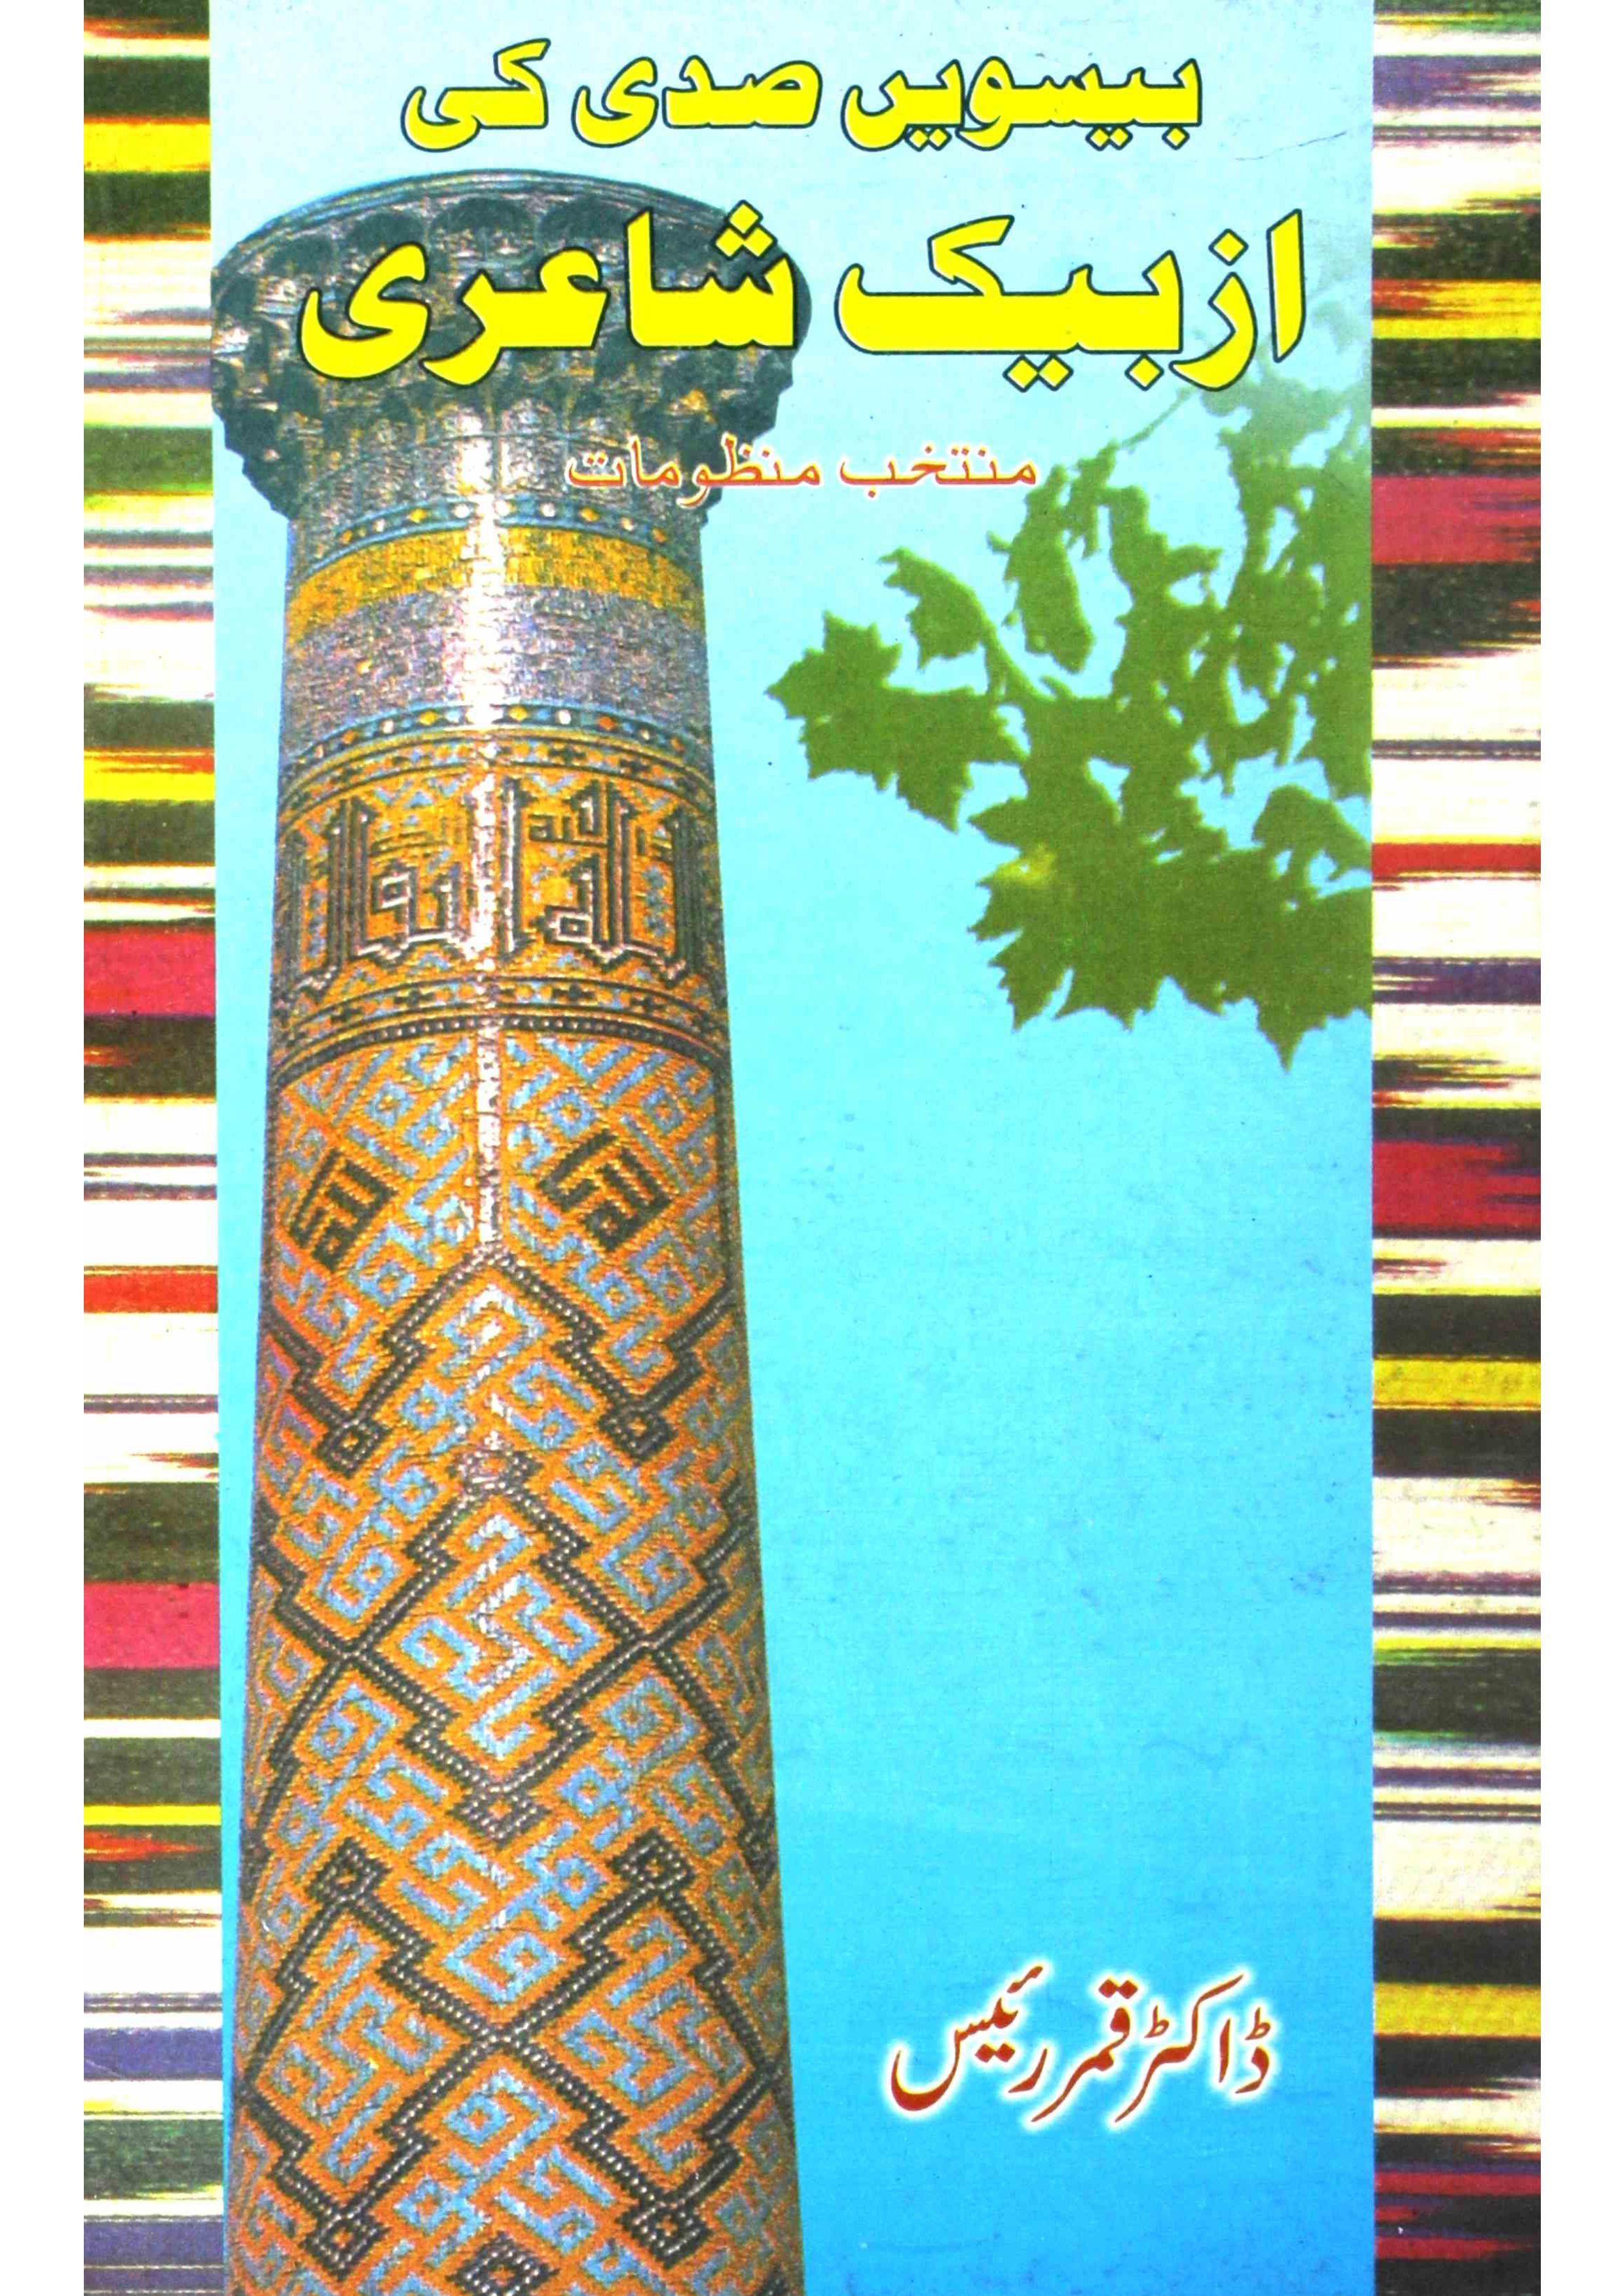 Biswin Sadi Ki Uzbek Shairi